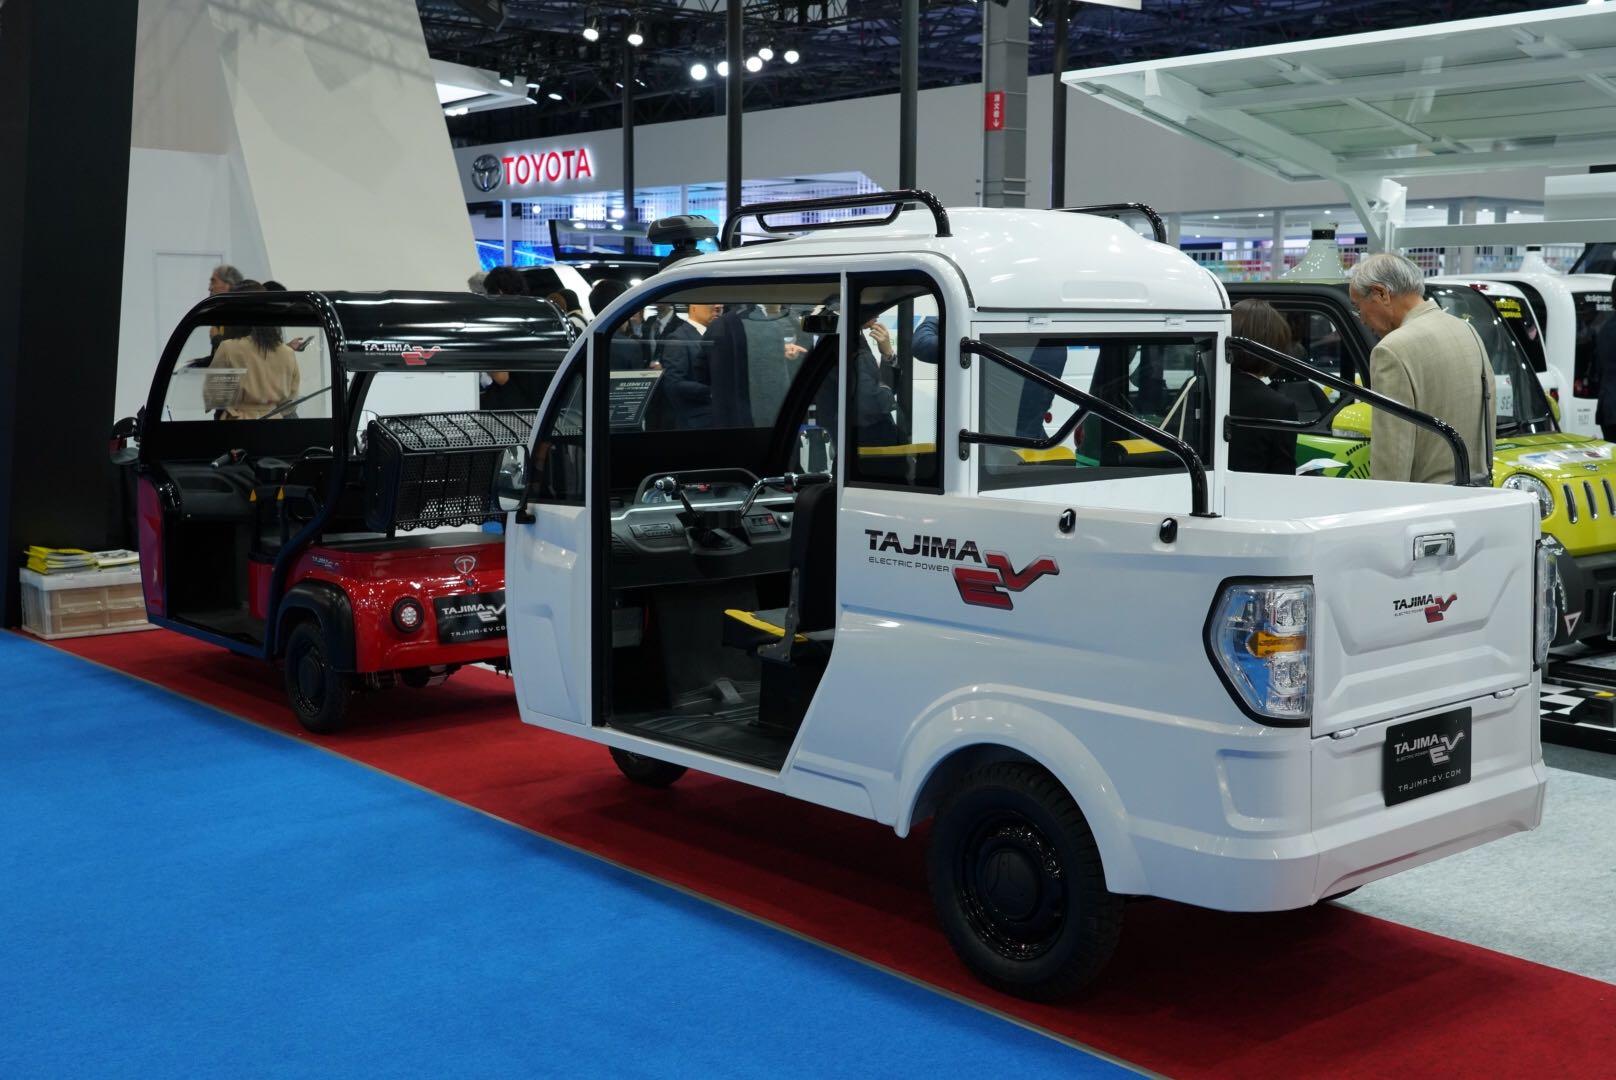 タジマ 電動3輪小型モビリティ(貨物型)東京モーターショー2019